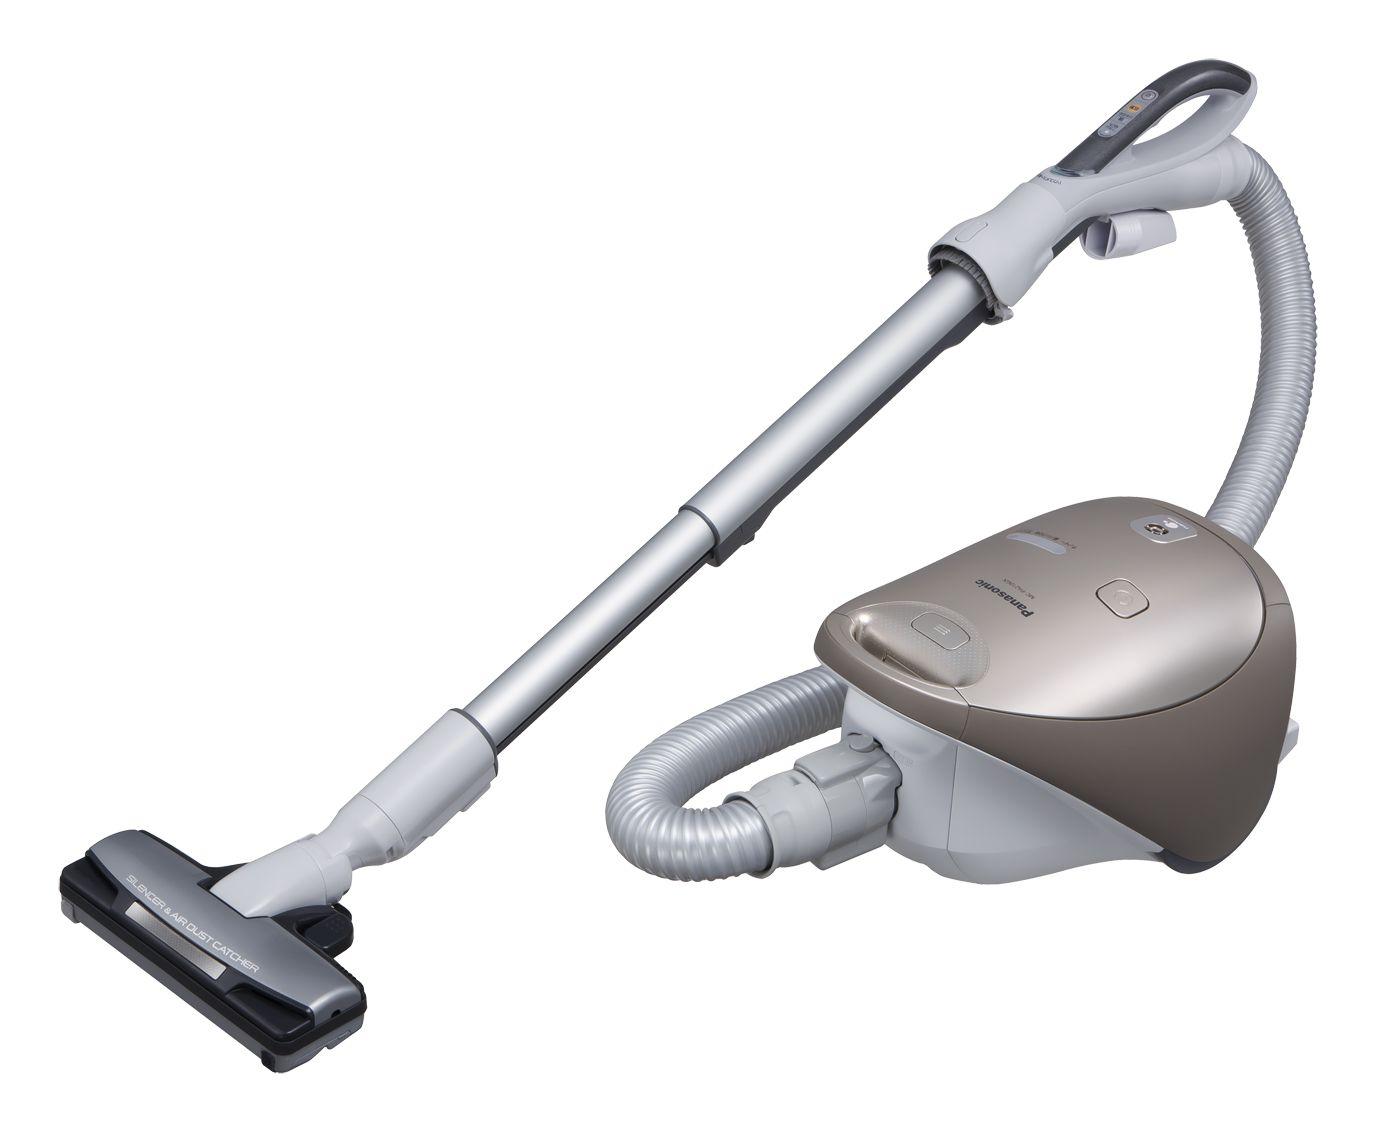 パナソニック 家庭用紙パック式掃除機 MC-PA210GX